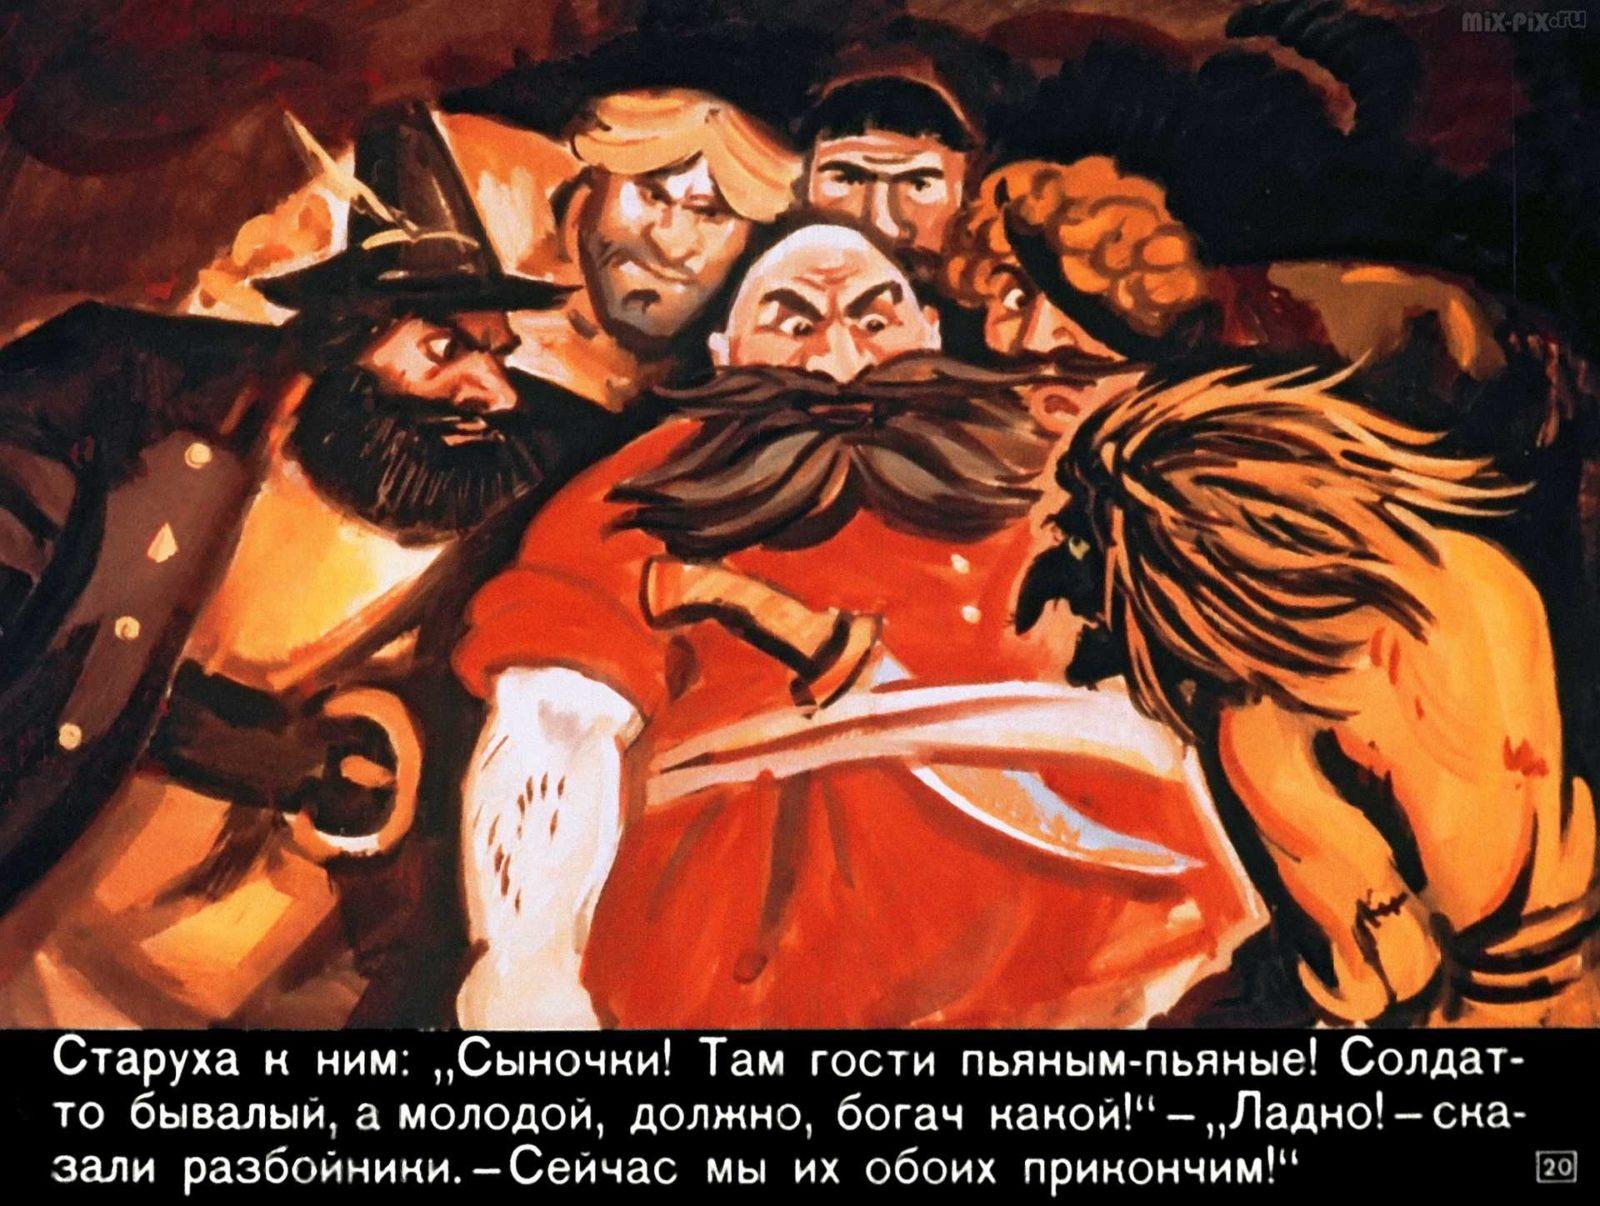 Сказка о бывалом солдате, царе и двенадцати разбойниках (1969) 31